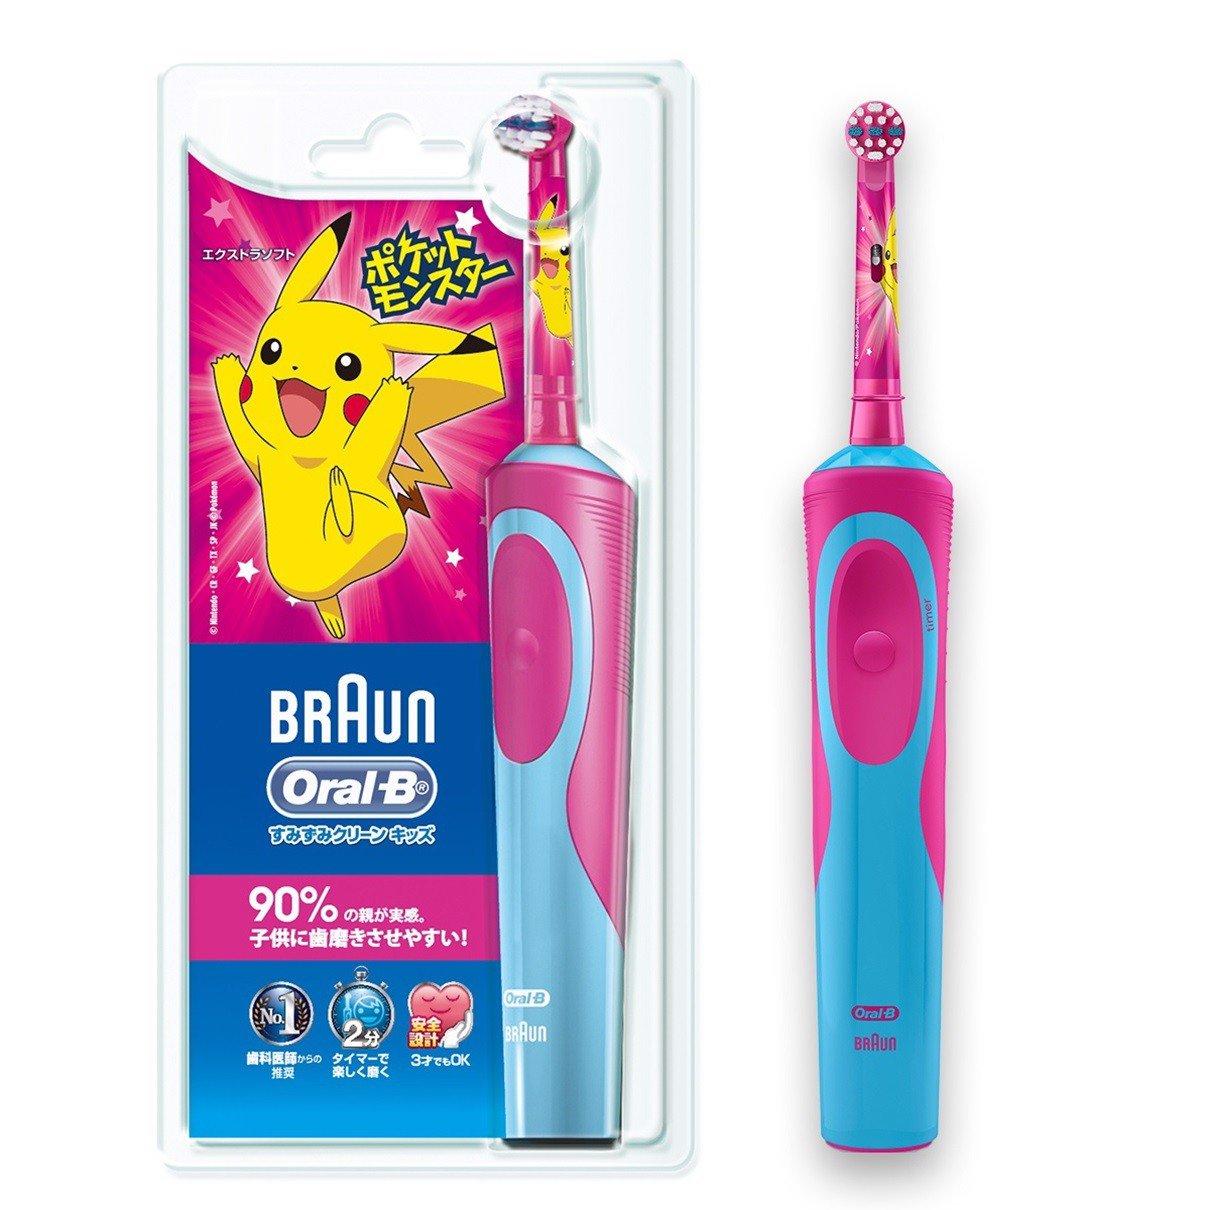 Bàn chải đánh răng điện Oral-B Sumizumi Kids Pokemon pink - Hàng Nhật nội địa